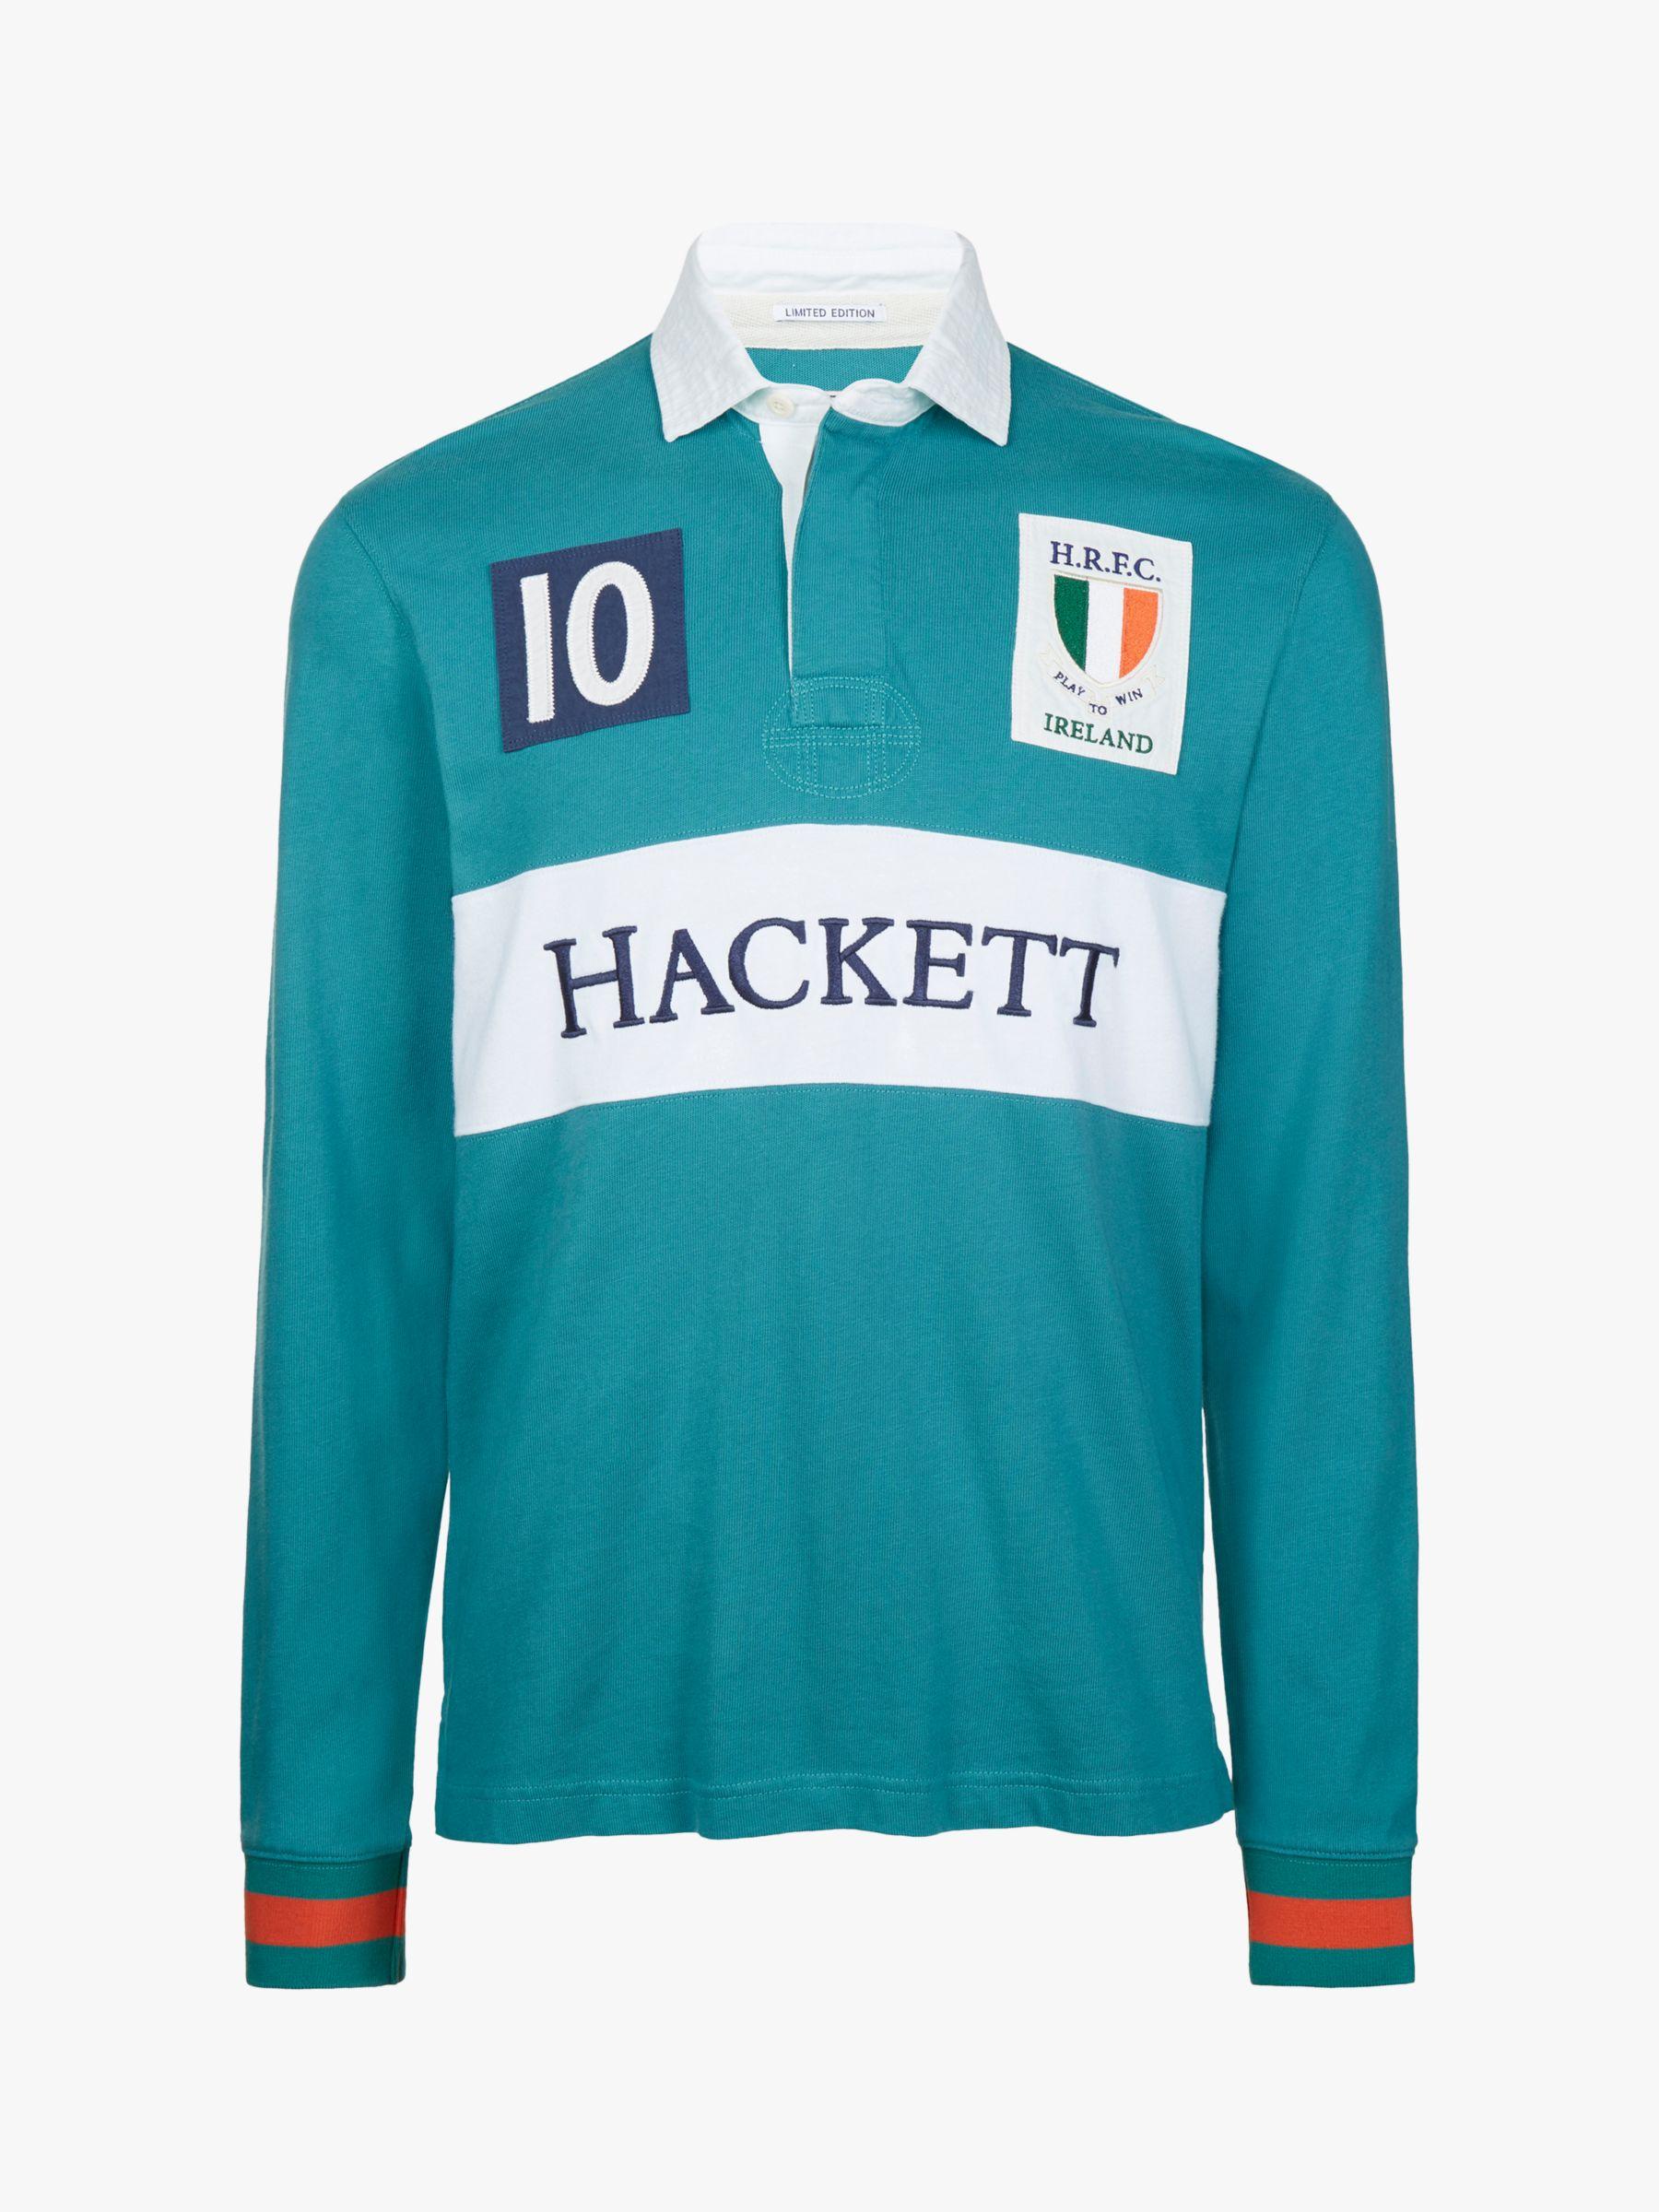 timeless design e47f4 572d4 Hackett London Ireland Cotton Rugby Shirt, Green